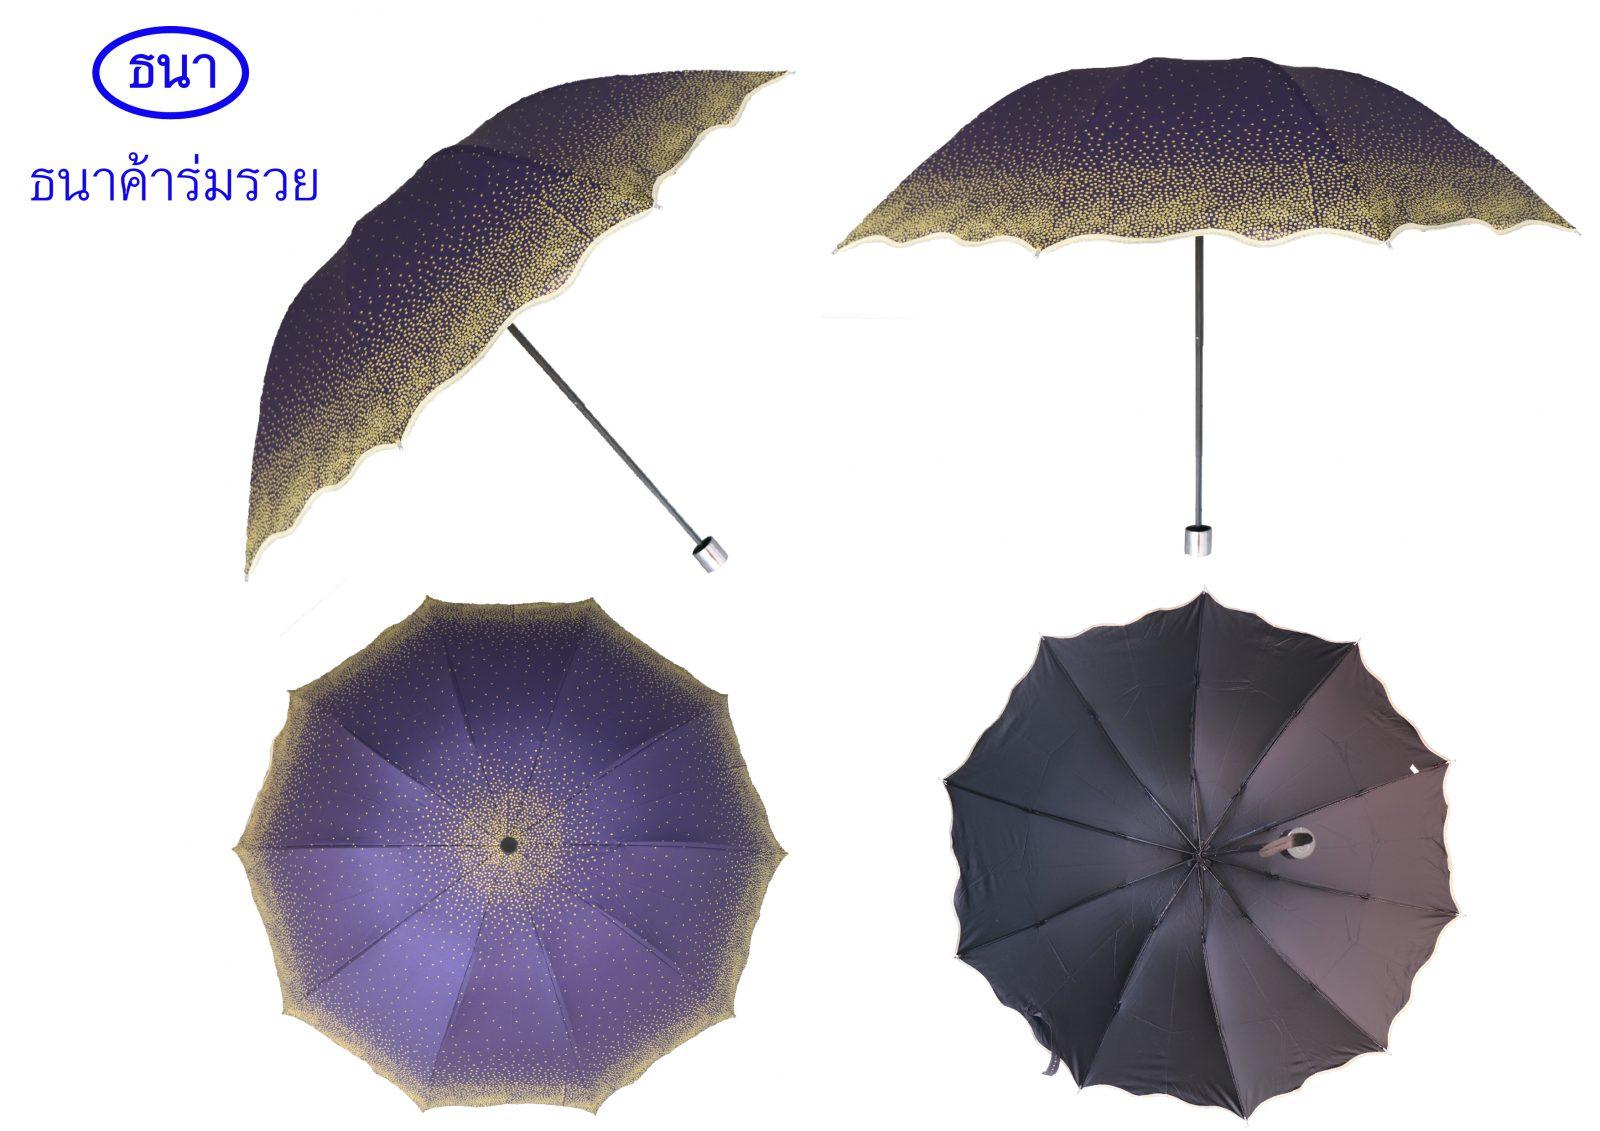 เลือกร่มเพื่อใช้ในการตกแต่งยังไง